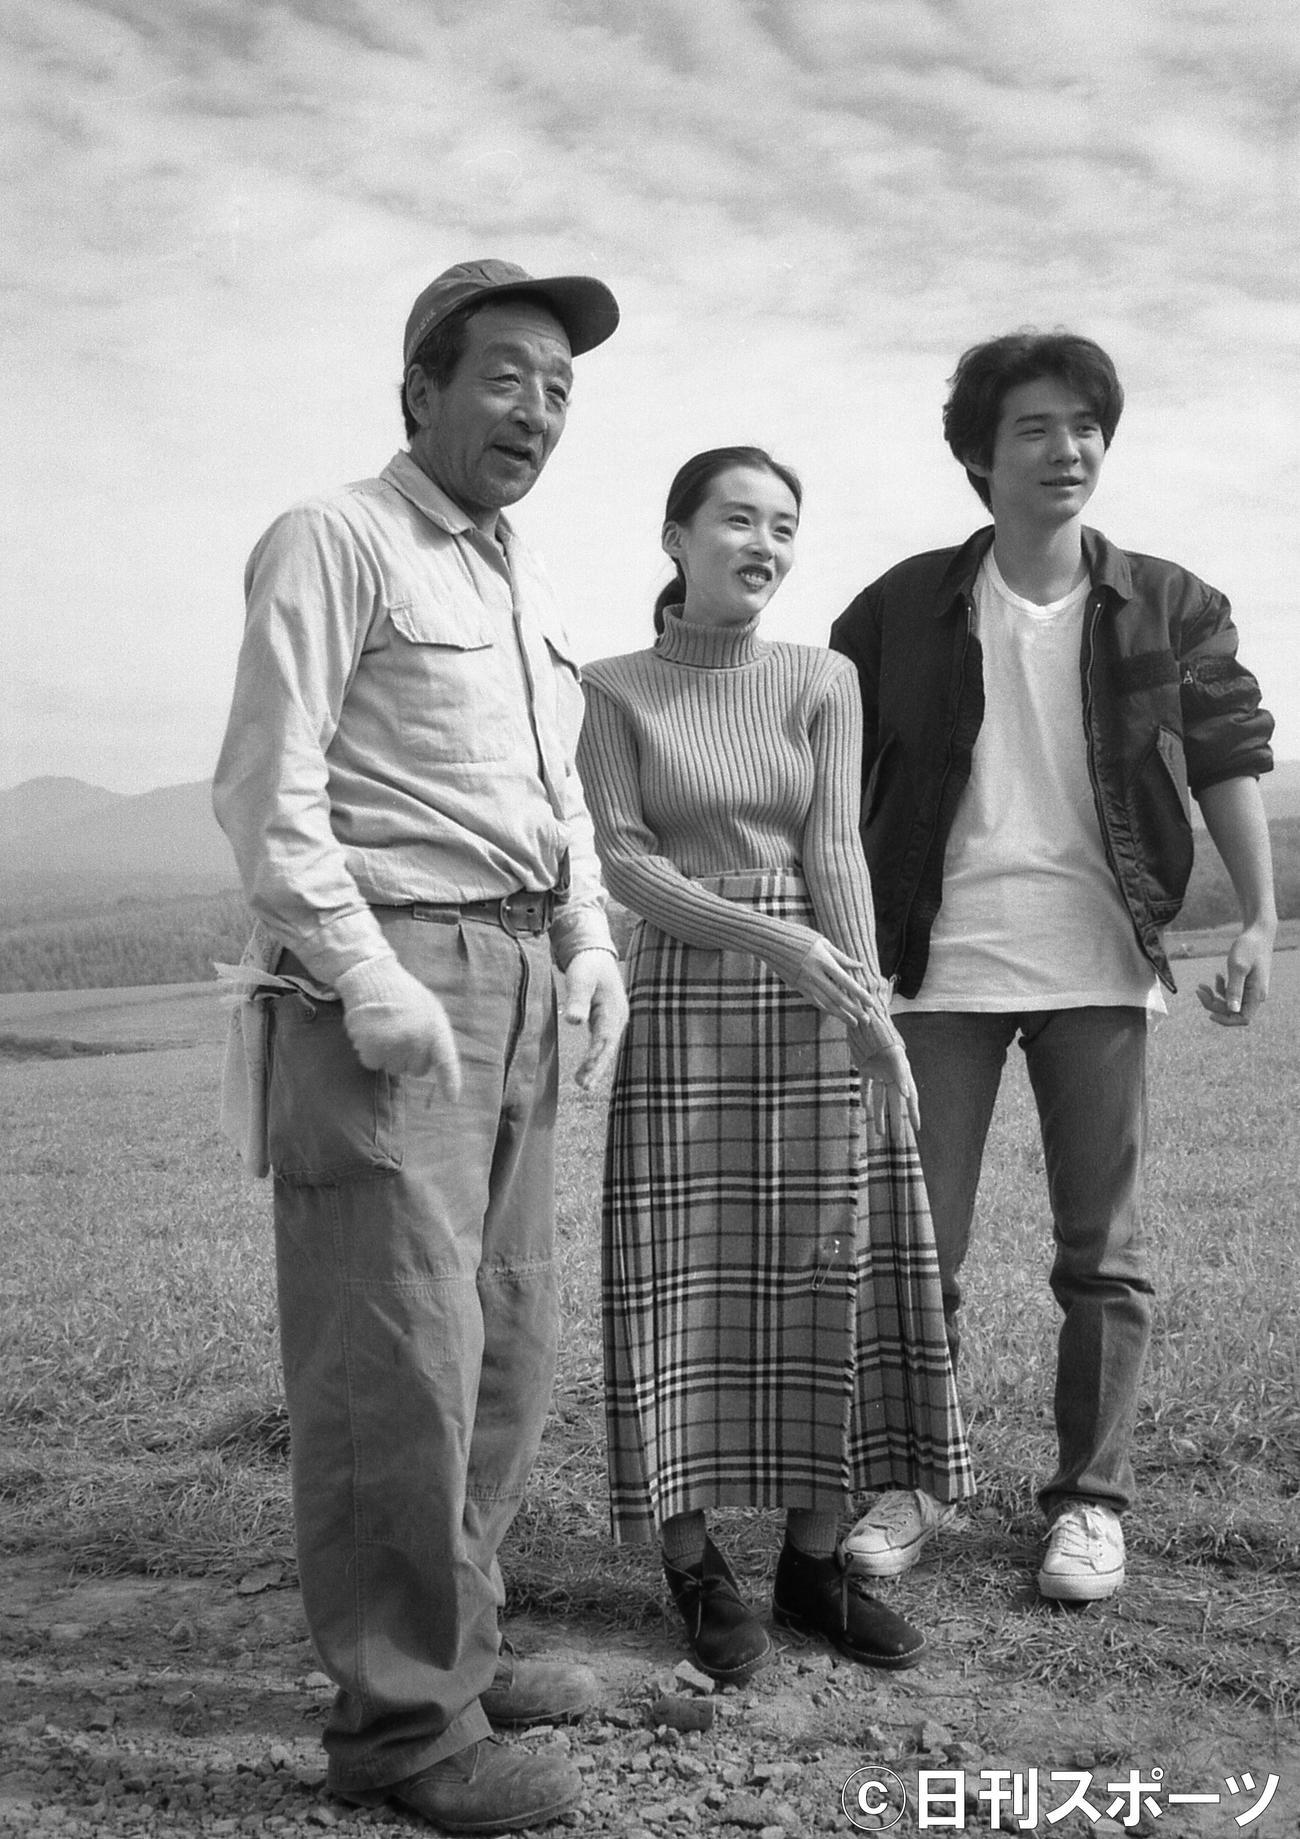 ドラマ「北の国から」の収録を行った左から田中邦衛さん、中嶋朋子、吉岡秀隆(1994年9月28日撮影)